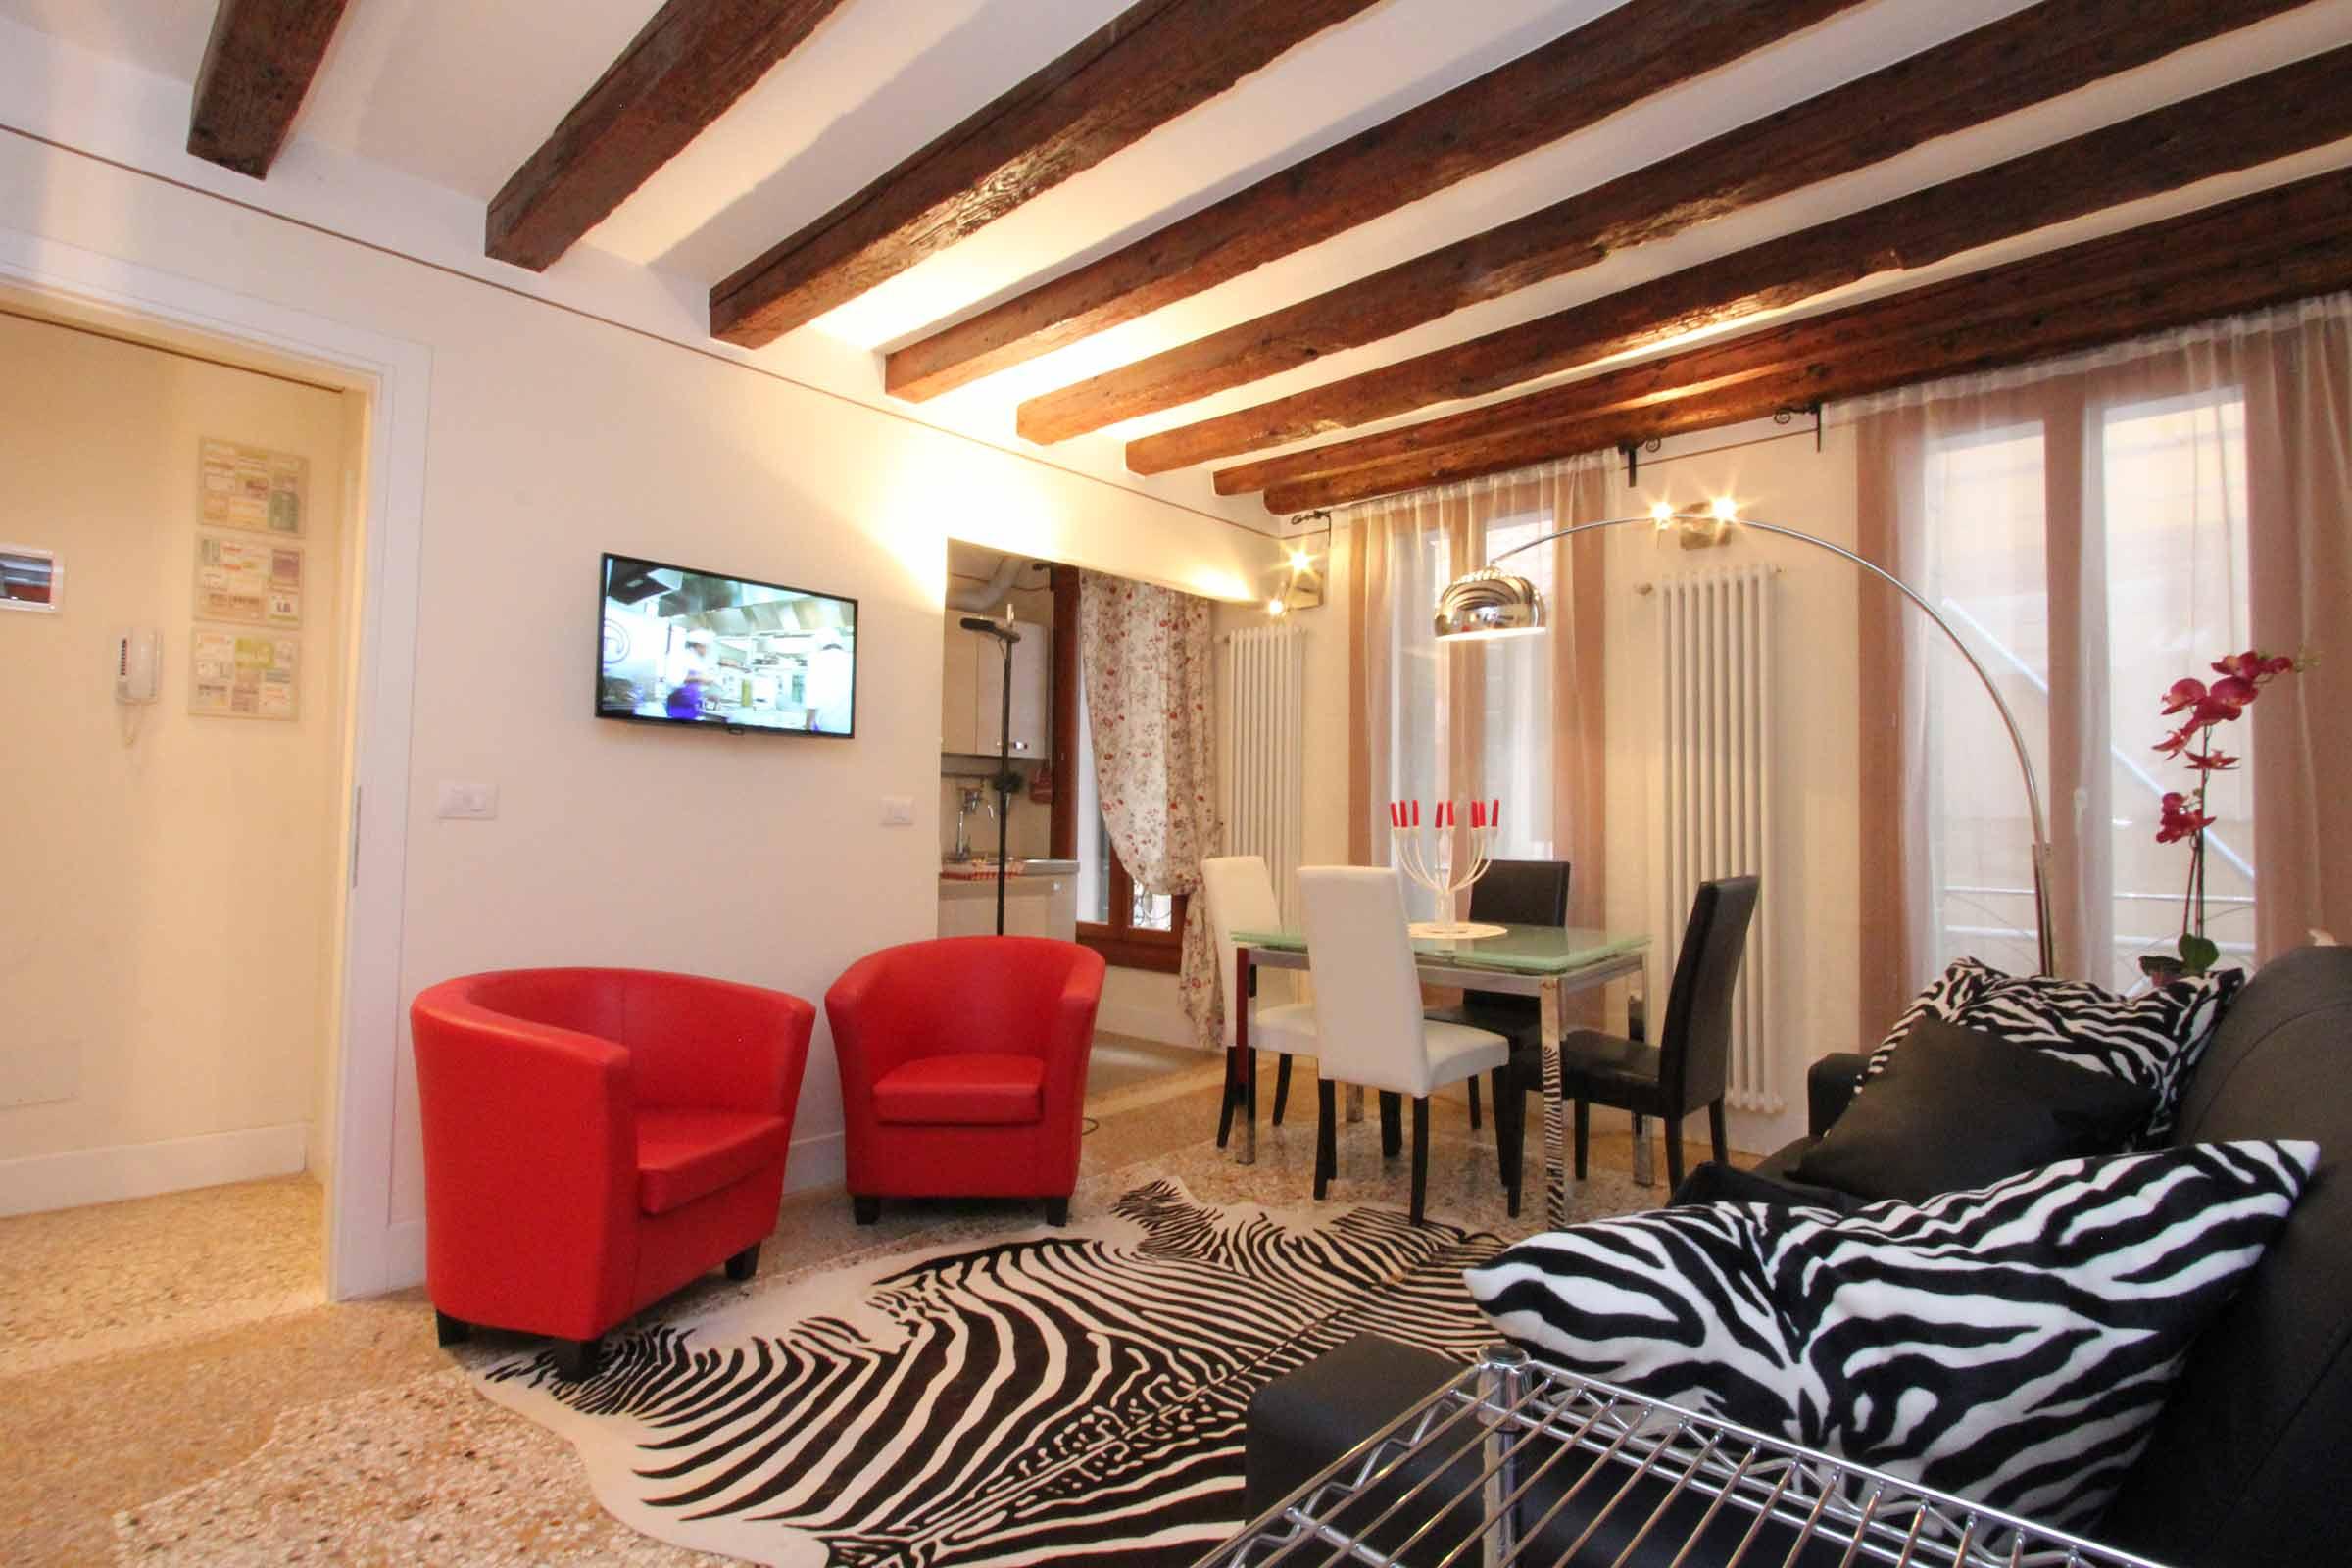 Wohnung Rubino, San Marco, Venedig